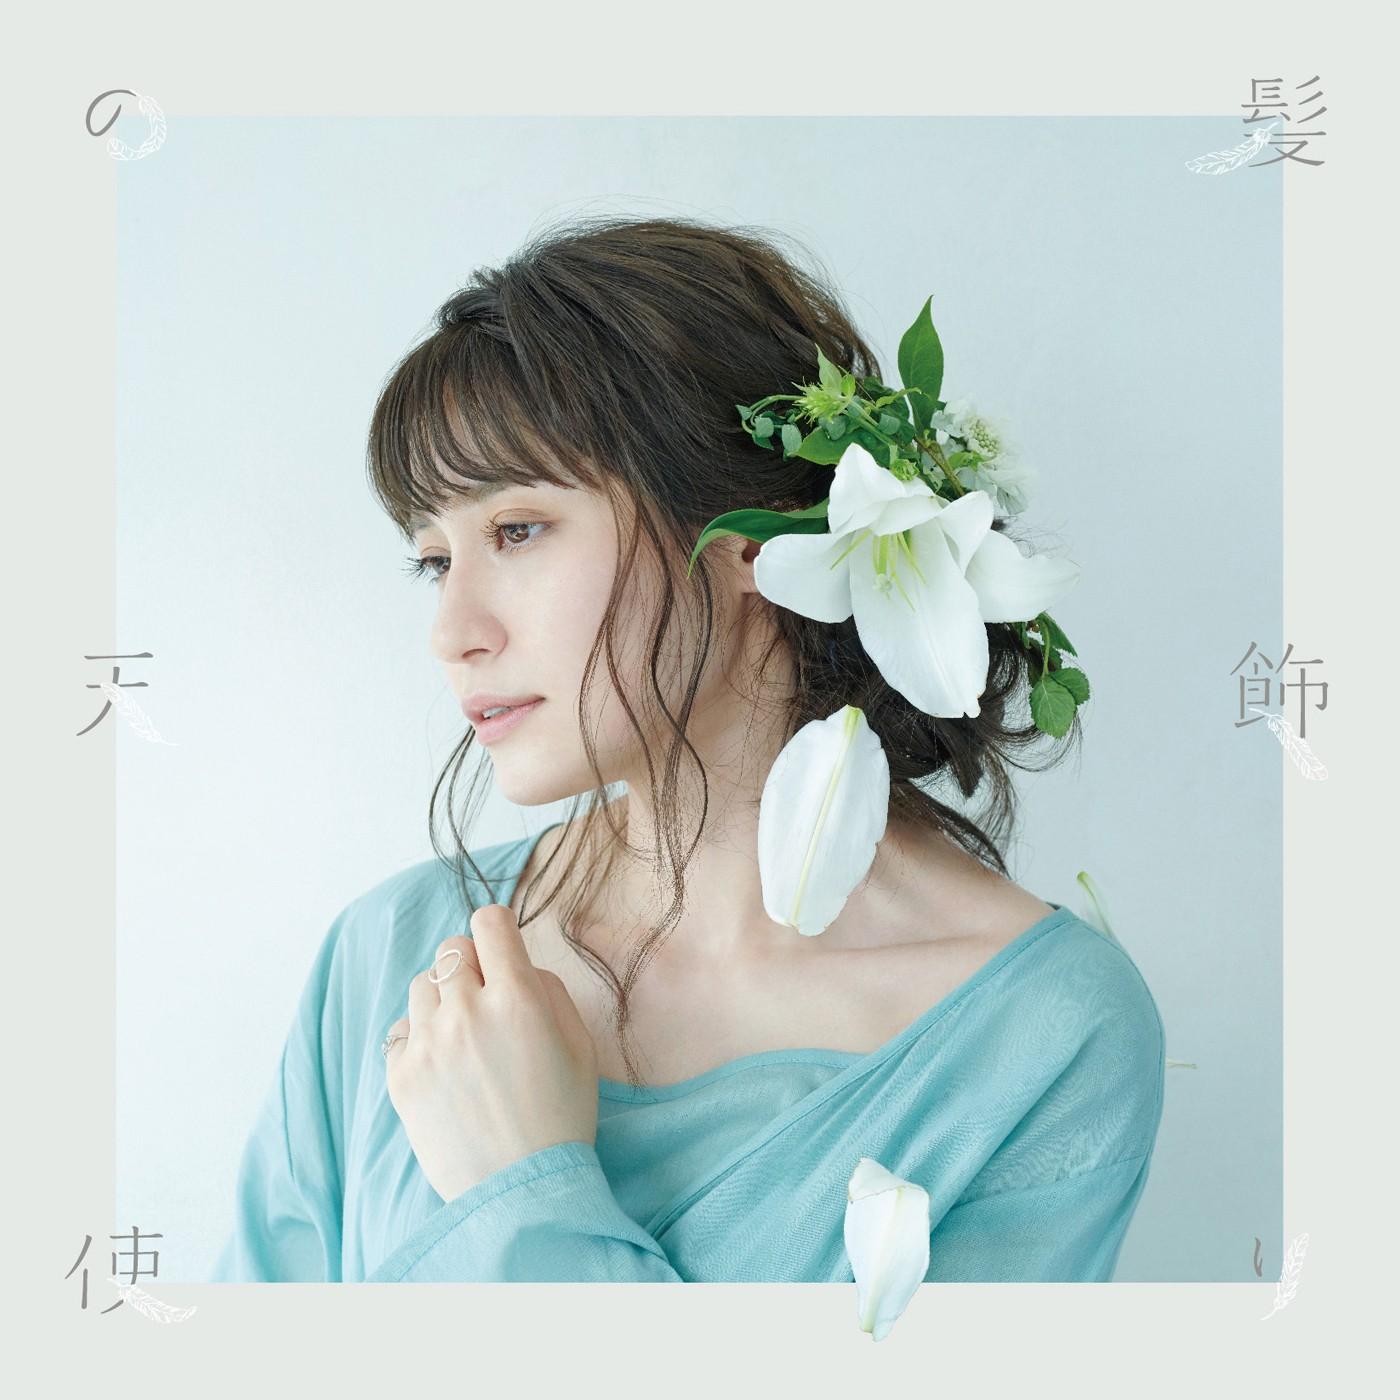 中島愛 (Megumi Nakajima) – 髪飾りの天使/水槽 [本好き盤] [Mora FLAC 24bit/96kHz]